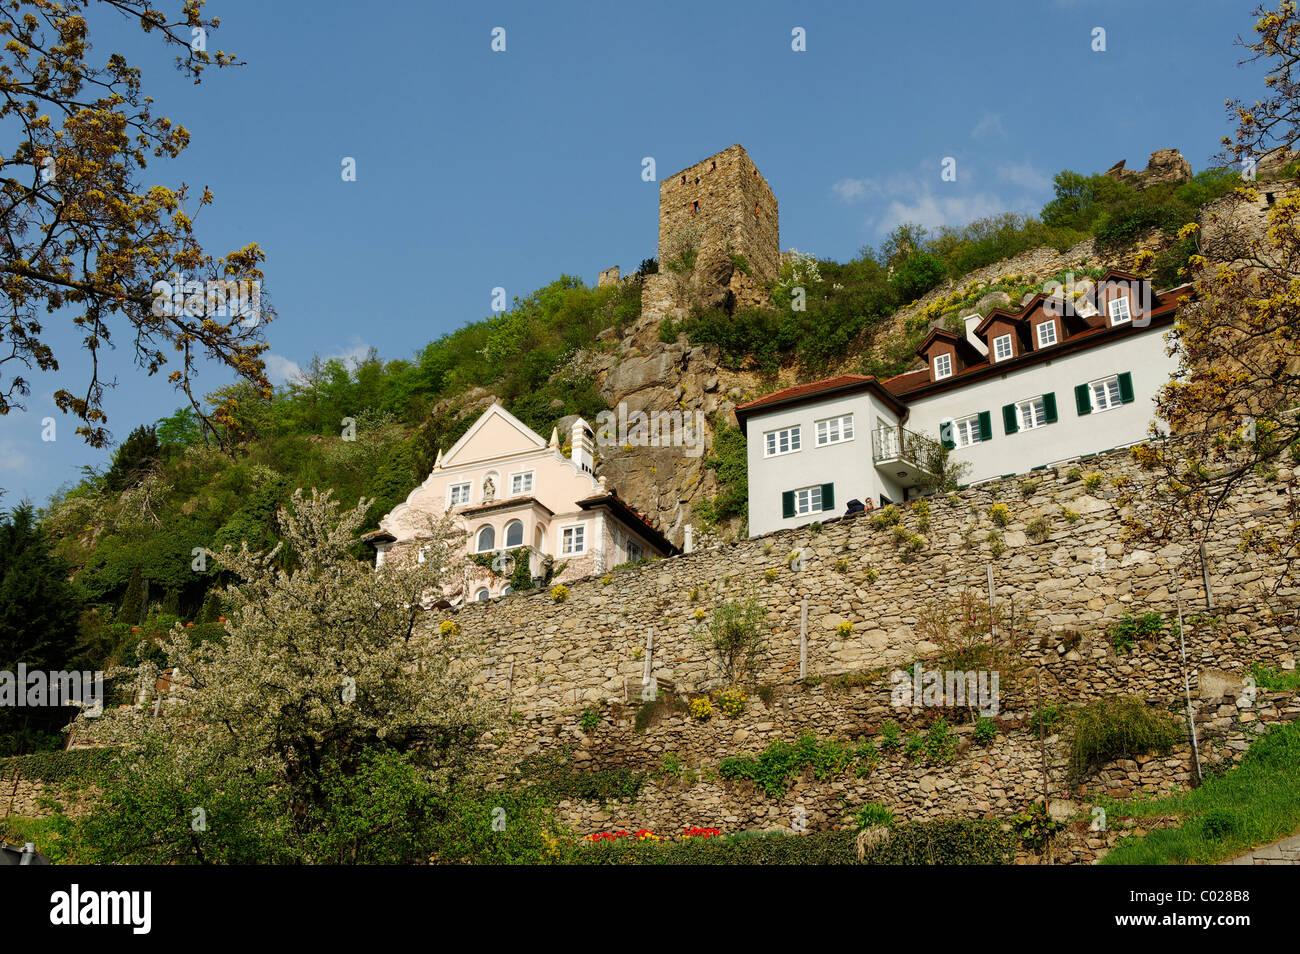 Ruine Duernstein castle ruins, Wachau, Lower Austria, Europe Stock Photo